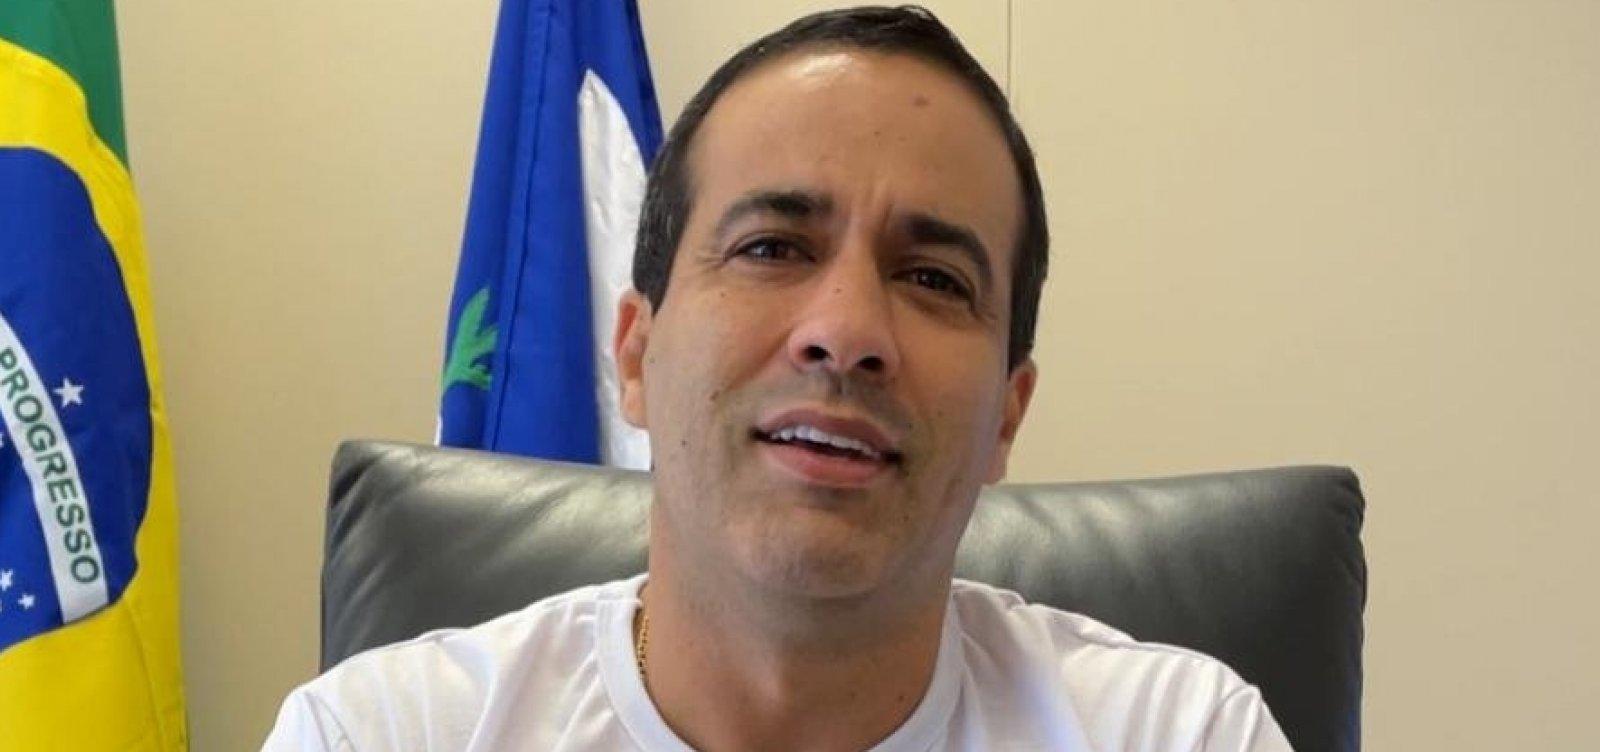 Prefeitura vai punir quem cometer irregularidades em festa simbólica do Bonfim